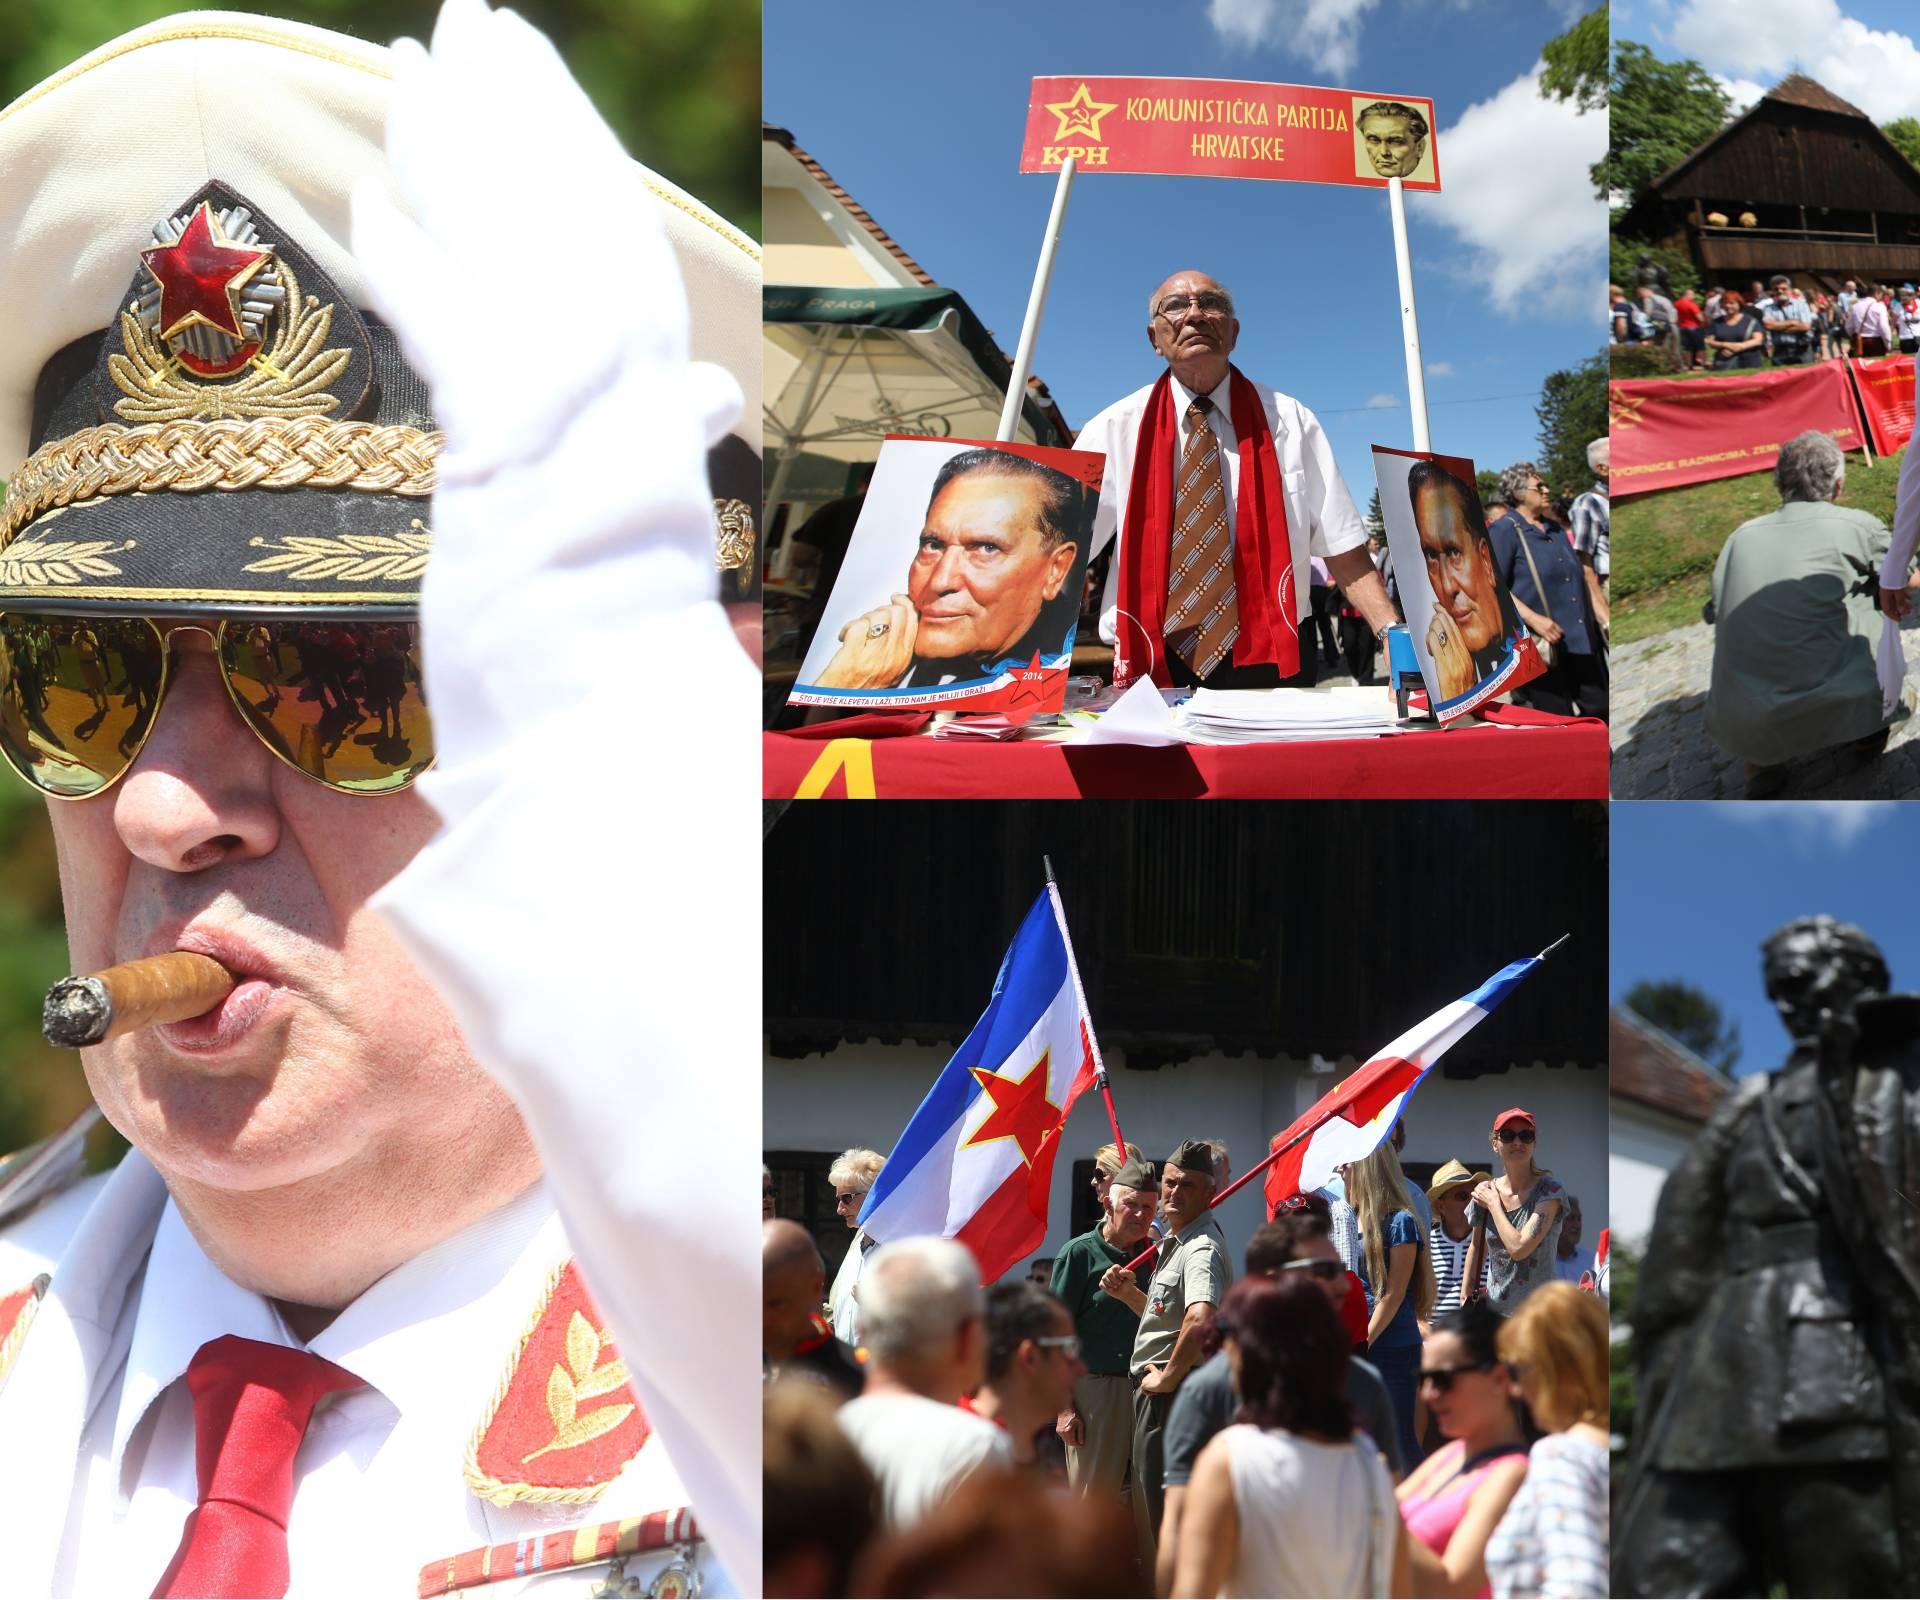 Tito se 'ukazao' u Kumrovcu: 'Svrstavaju nas sa zločincima'